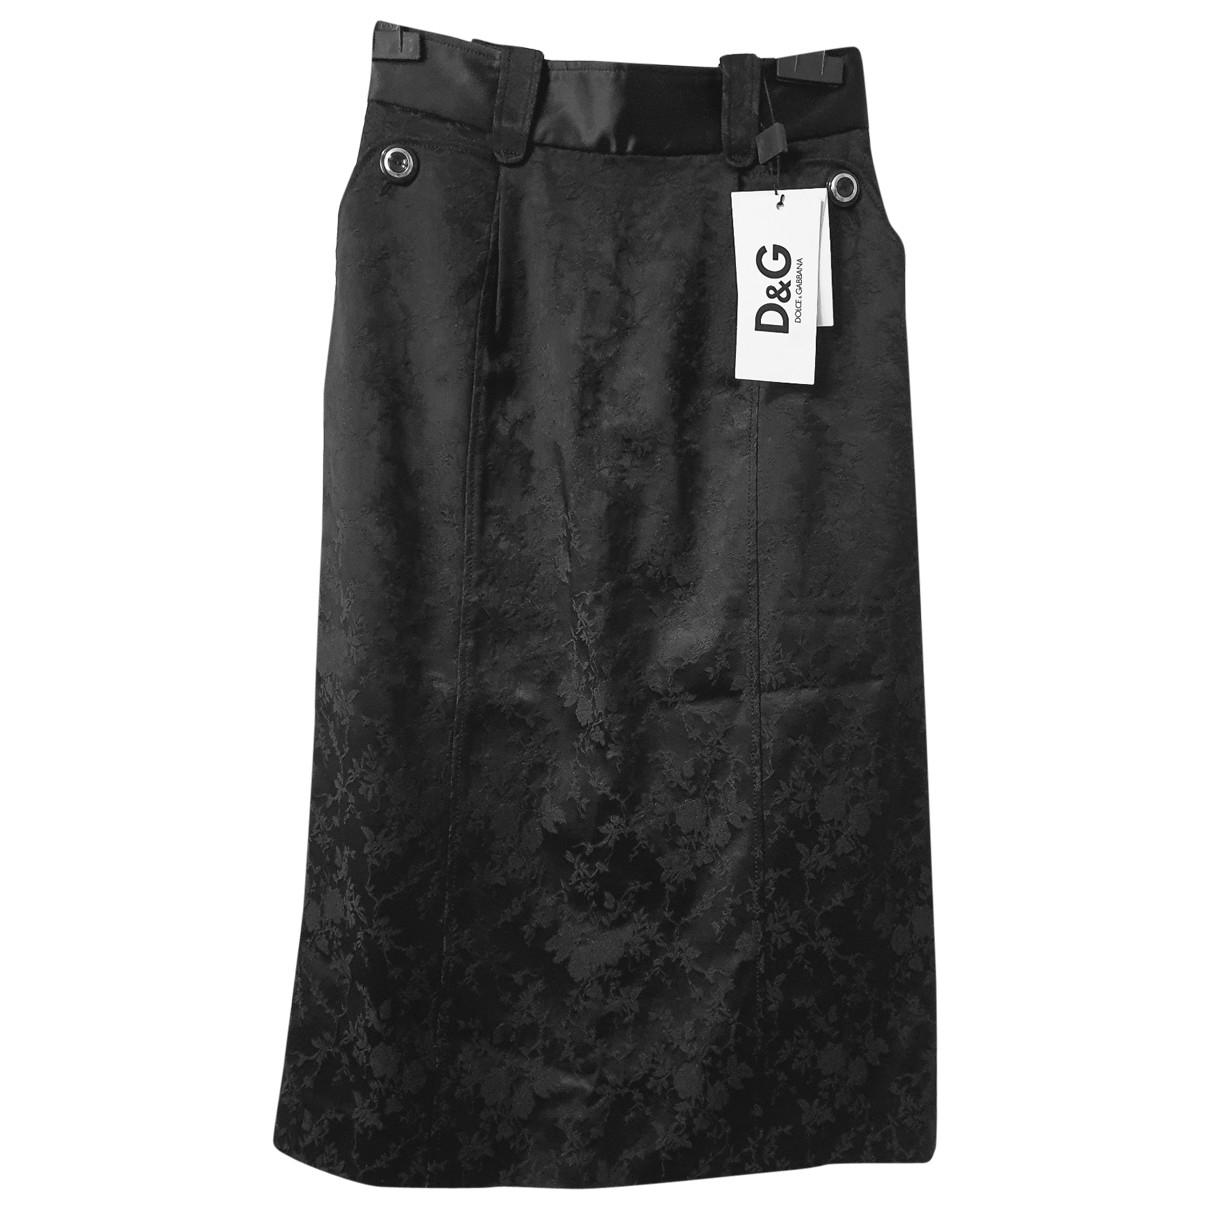 D&g - Jupe   pour femme en coton - noir